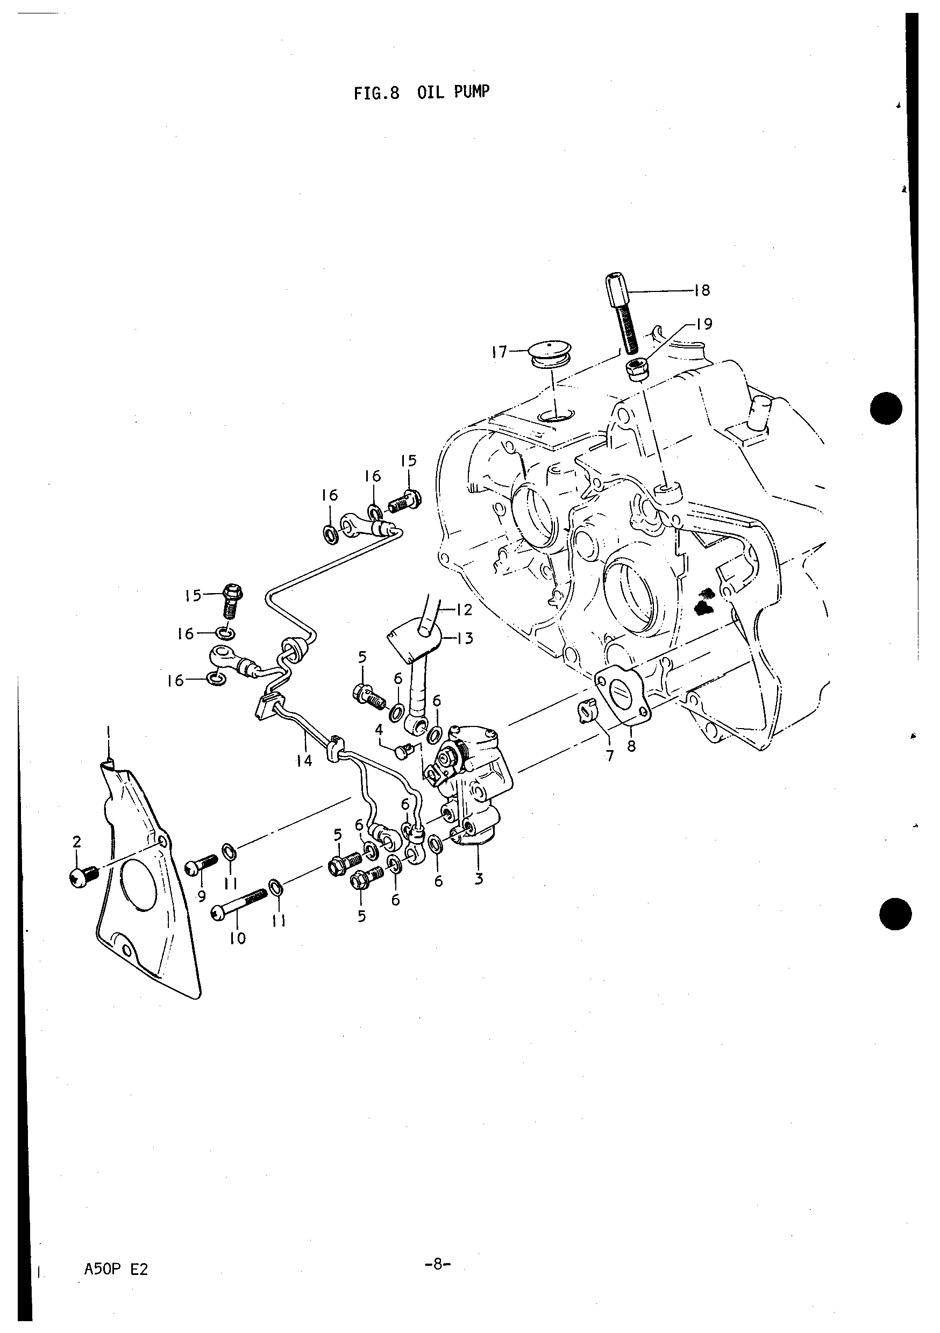 Genuine Suzuki A50P (AP50) Oil Pump Screw 02112-0610B-000